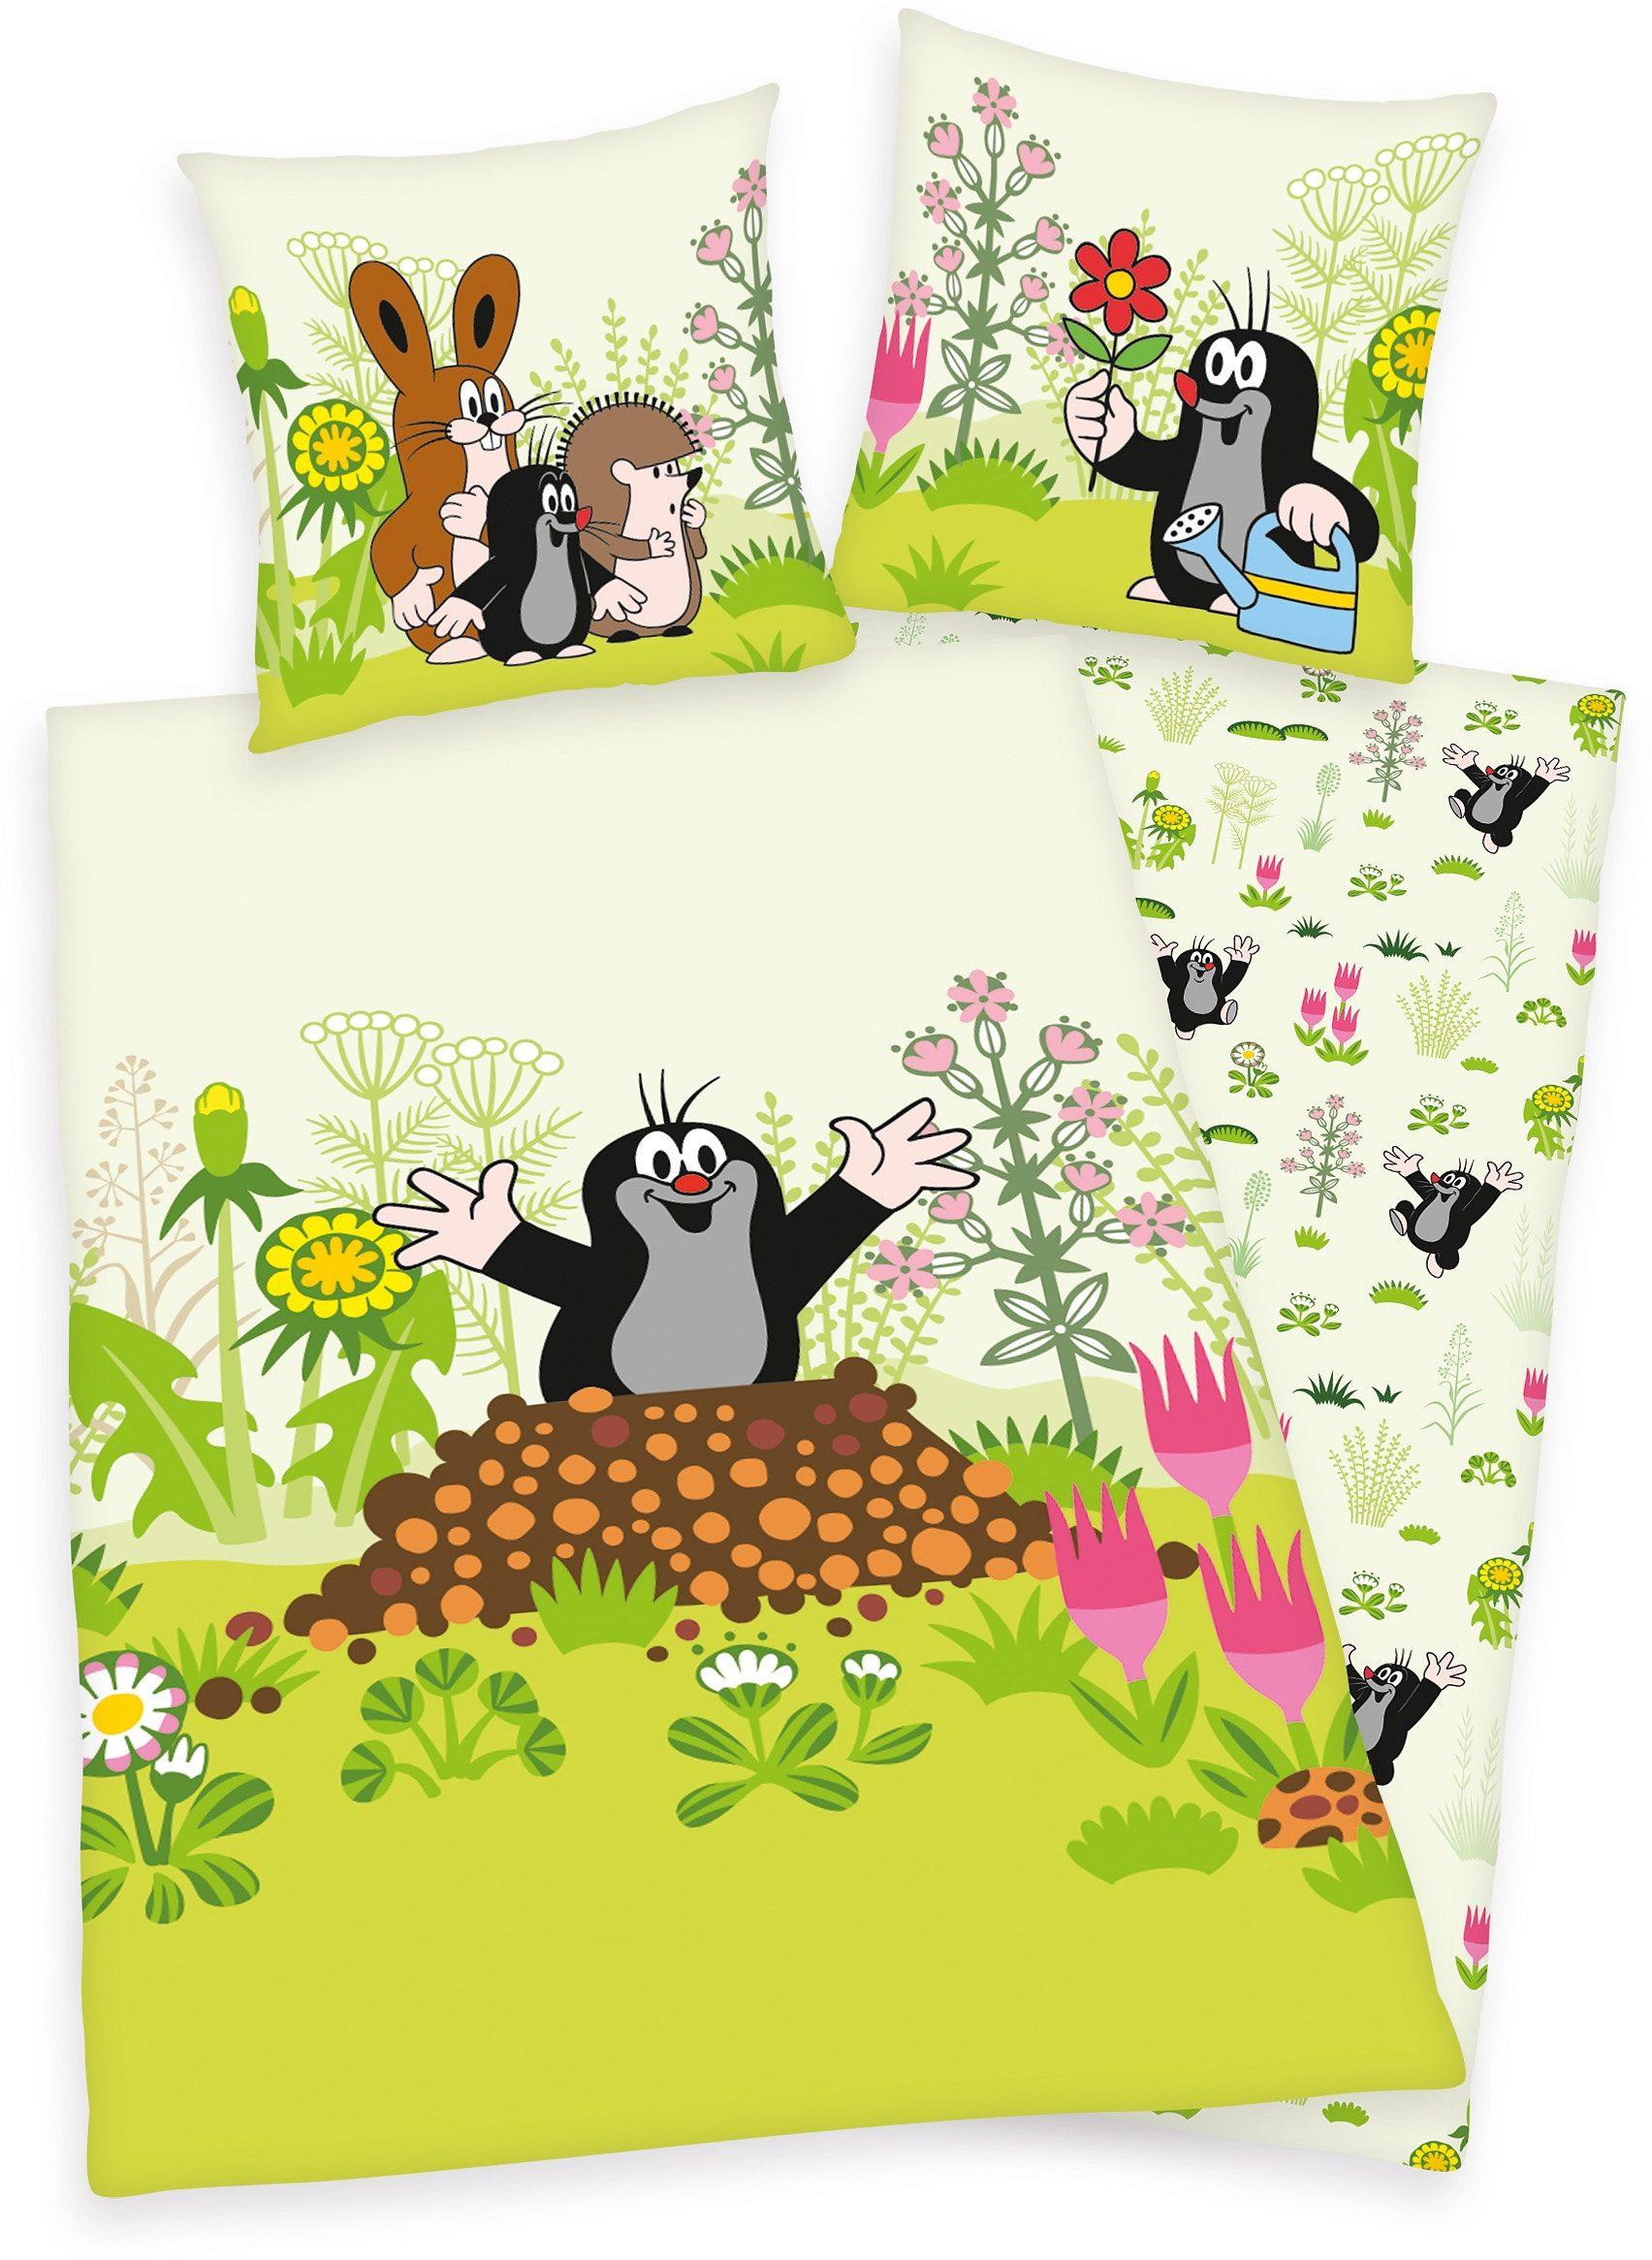 Kinderbettwäsche »Der kleine Maulwurf«, Diverse | Kinderzimmer > Textilien für Kinder > Kinderbettwäsche | Grün | Baumwolle | Diverse